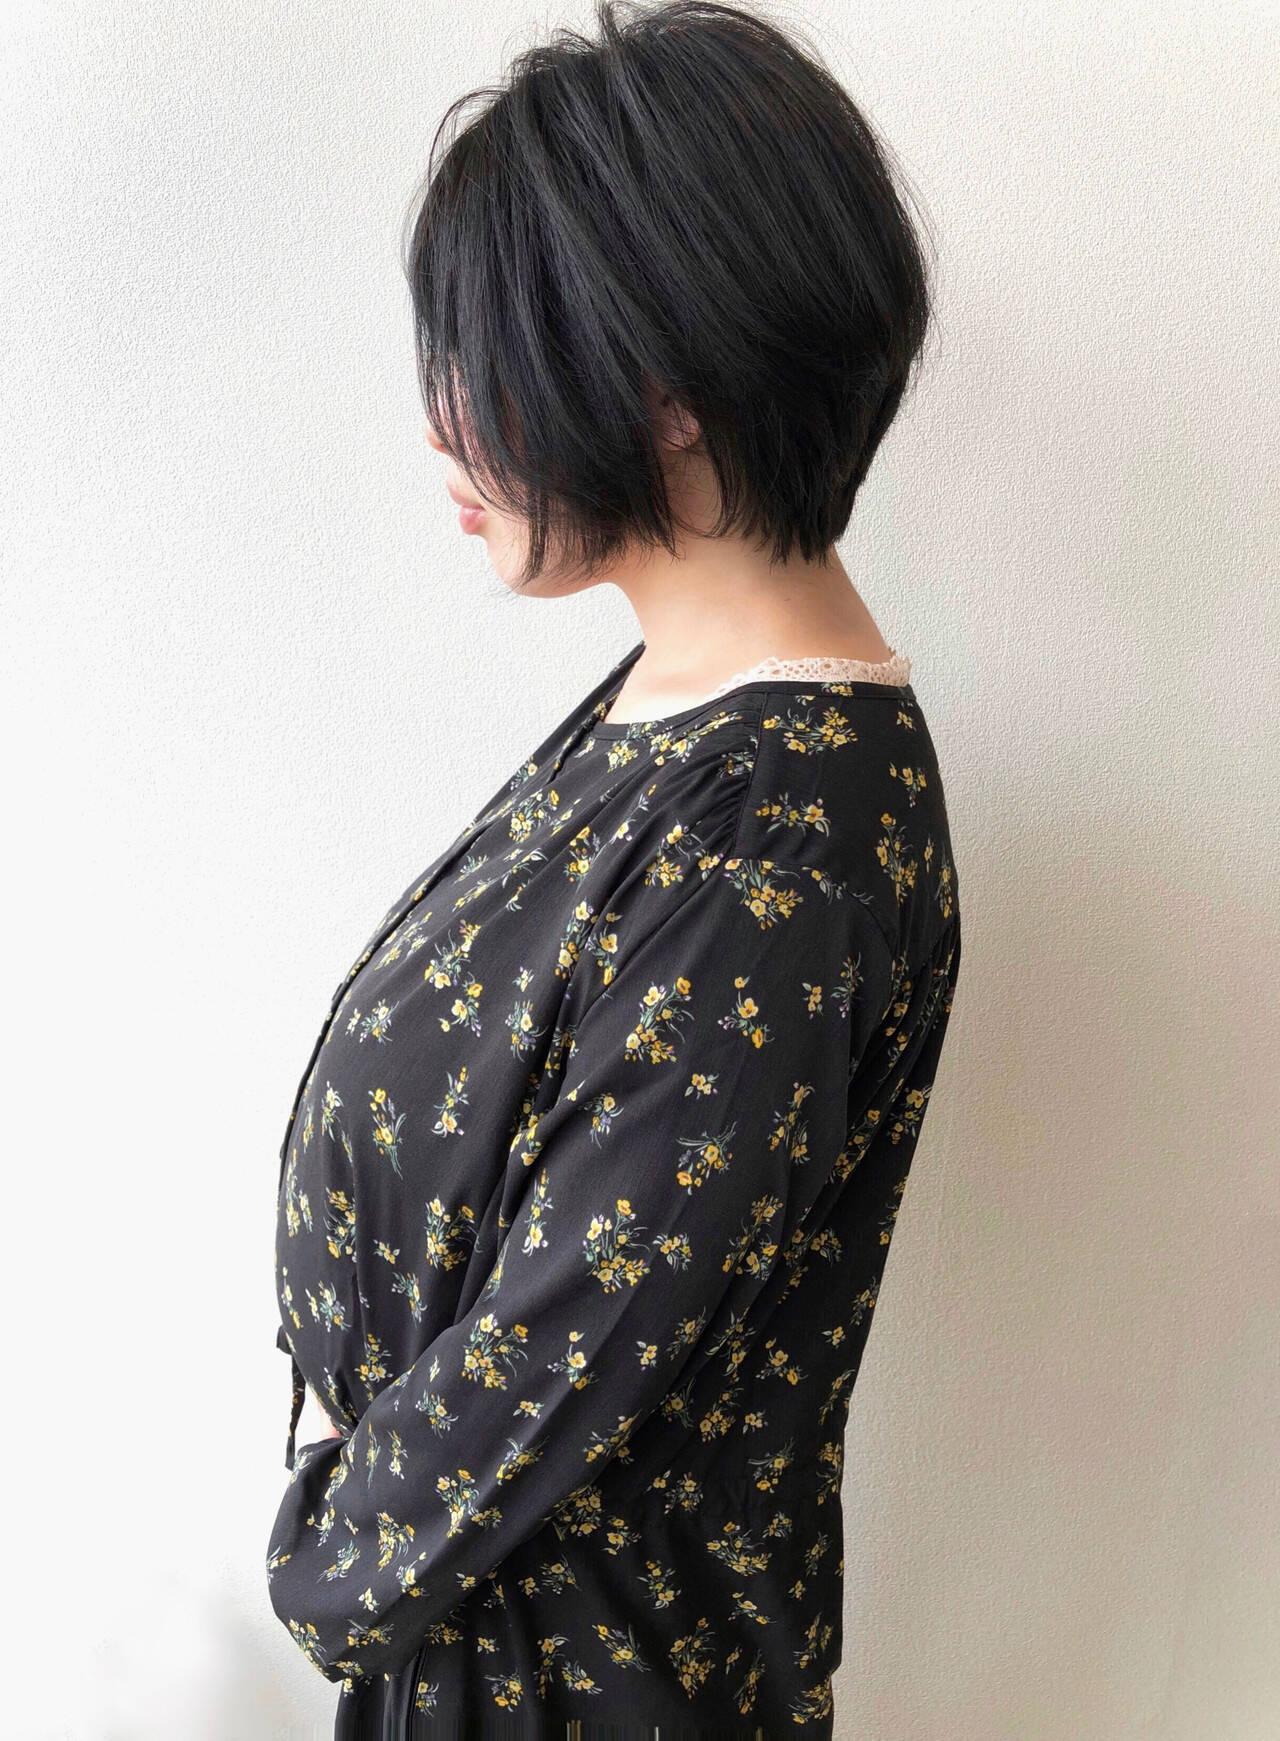 黒髪ショート 大人ショート 黒髪 ショートボブヘアスタイルや髪型の写真・画像